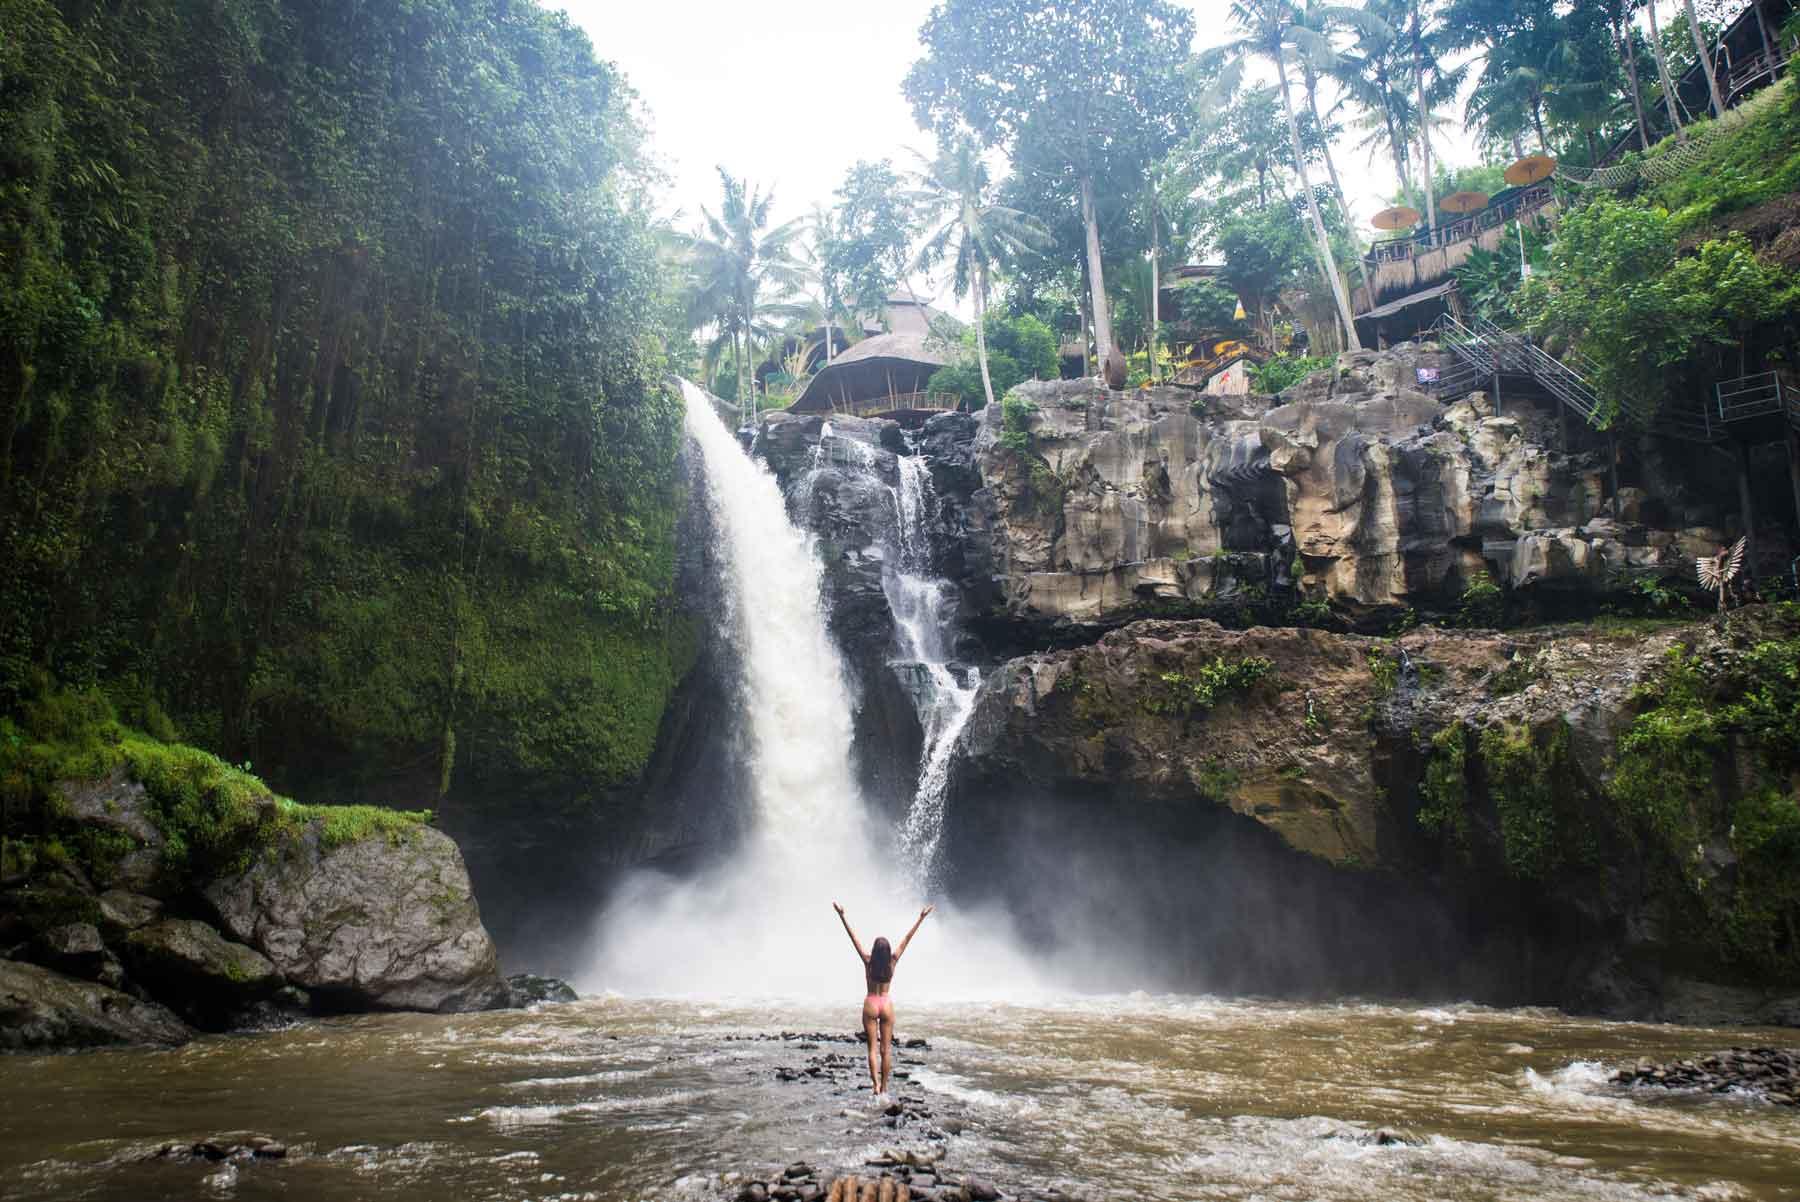 wisata-air-terjun-di-bali-tegenungan-waterfall